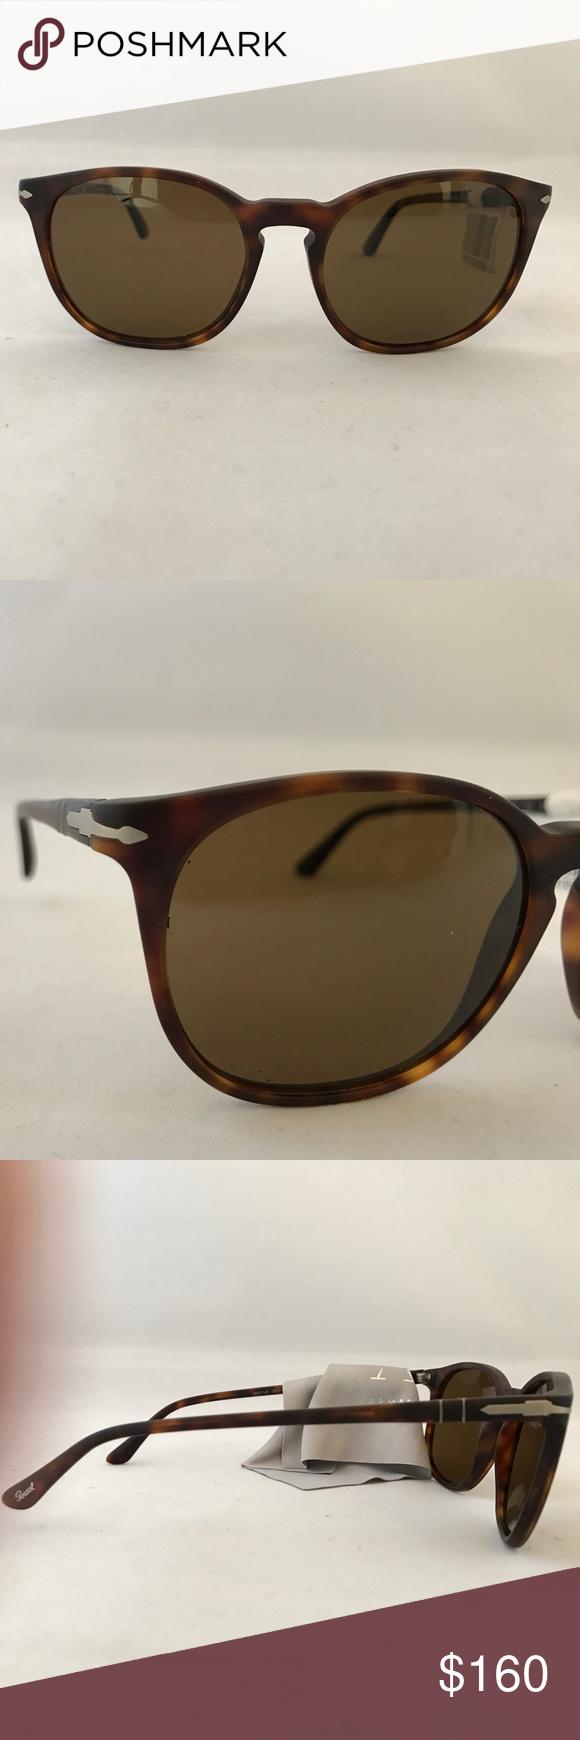 Persol sunglasses polarized